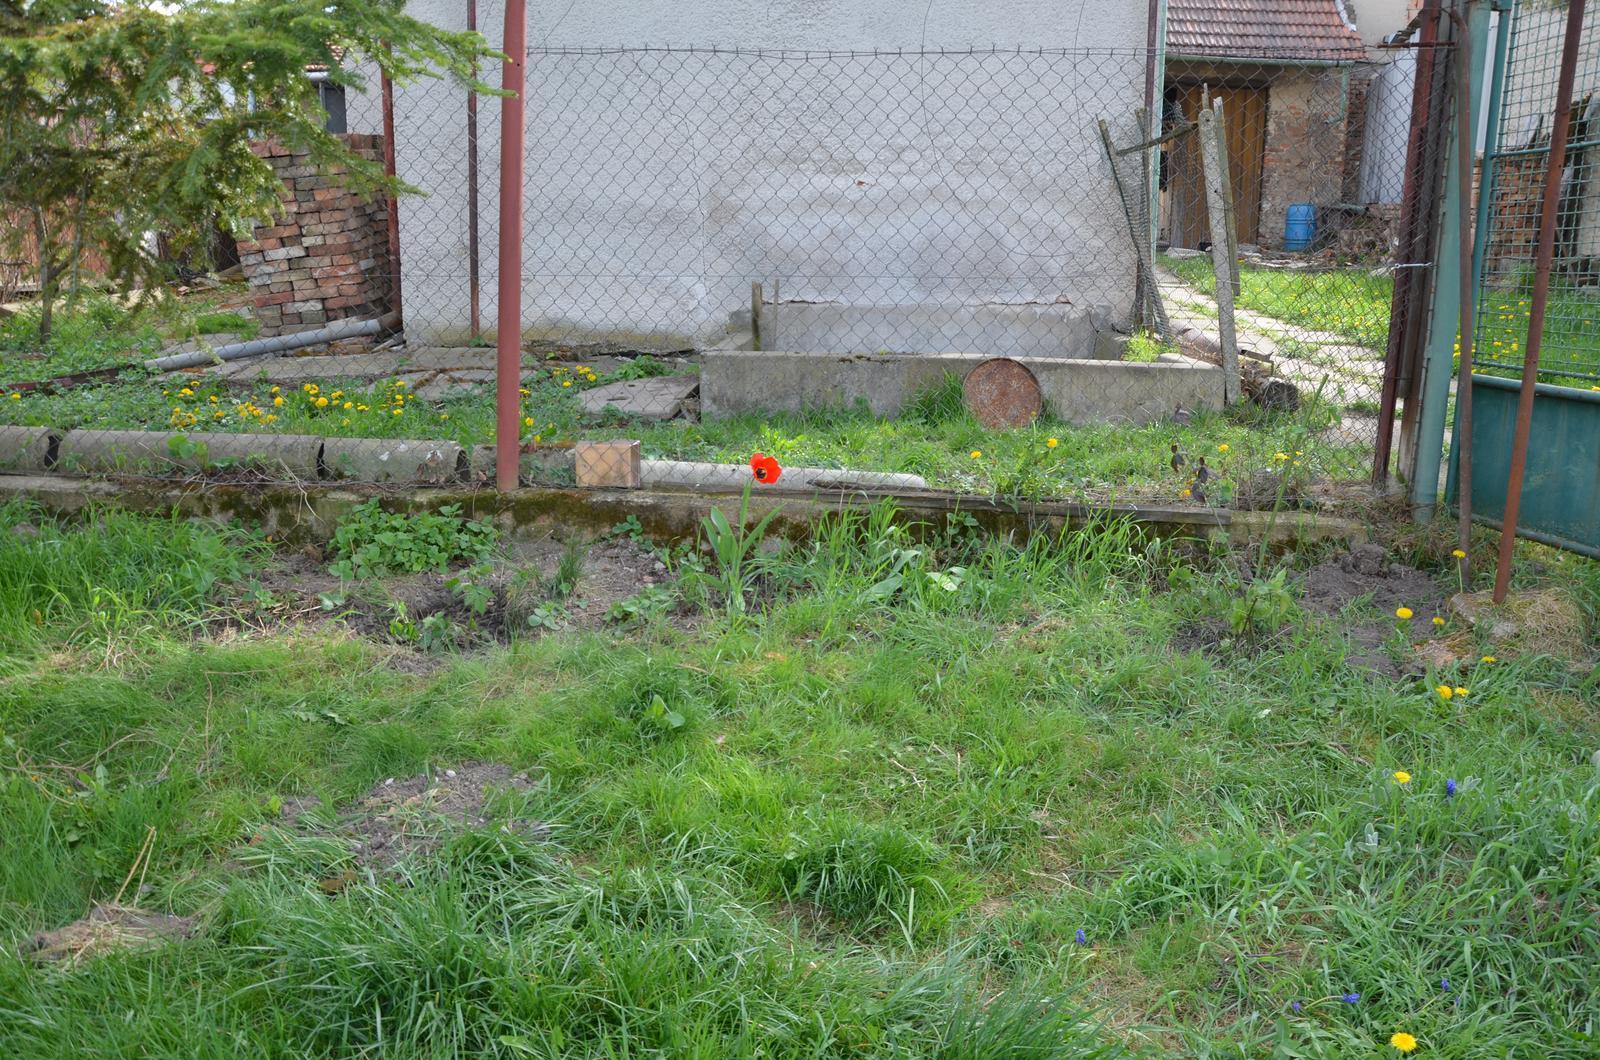 Vysněná zahrada... - u plotu mezi zahradou a sklepem se nachází opět změť plevele, pampelišek, nějakého toho tulipánu, taky je tam meduňka, kousínek petržele a oregáno...a my jsme tam vysadili ostružiny